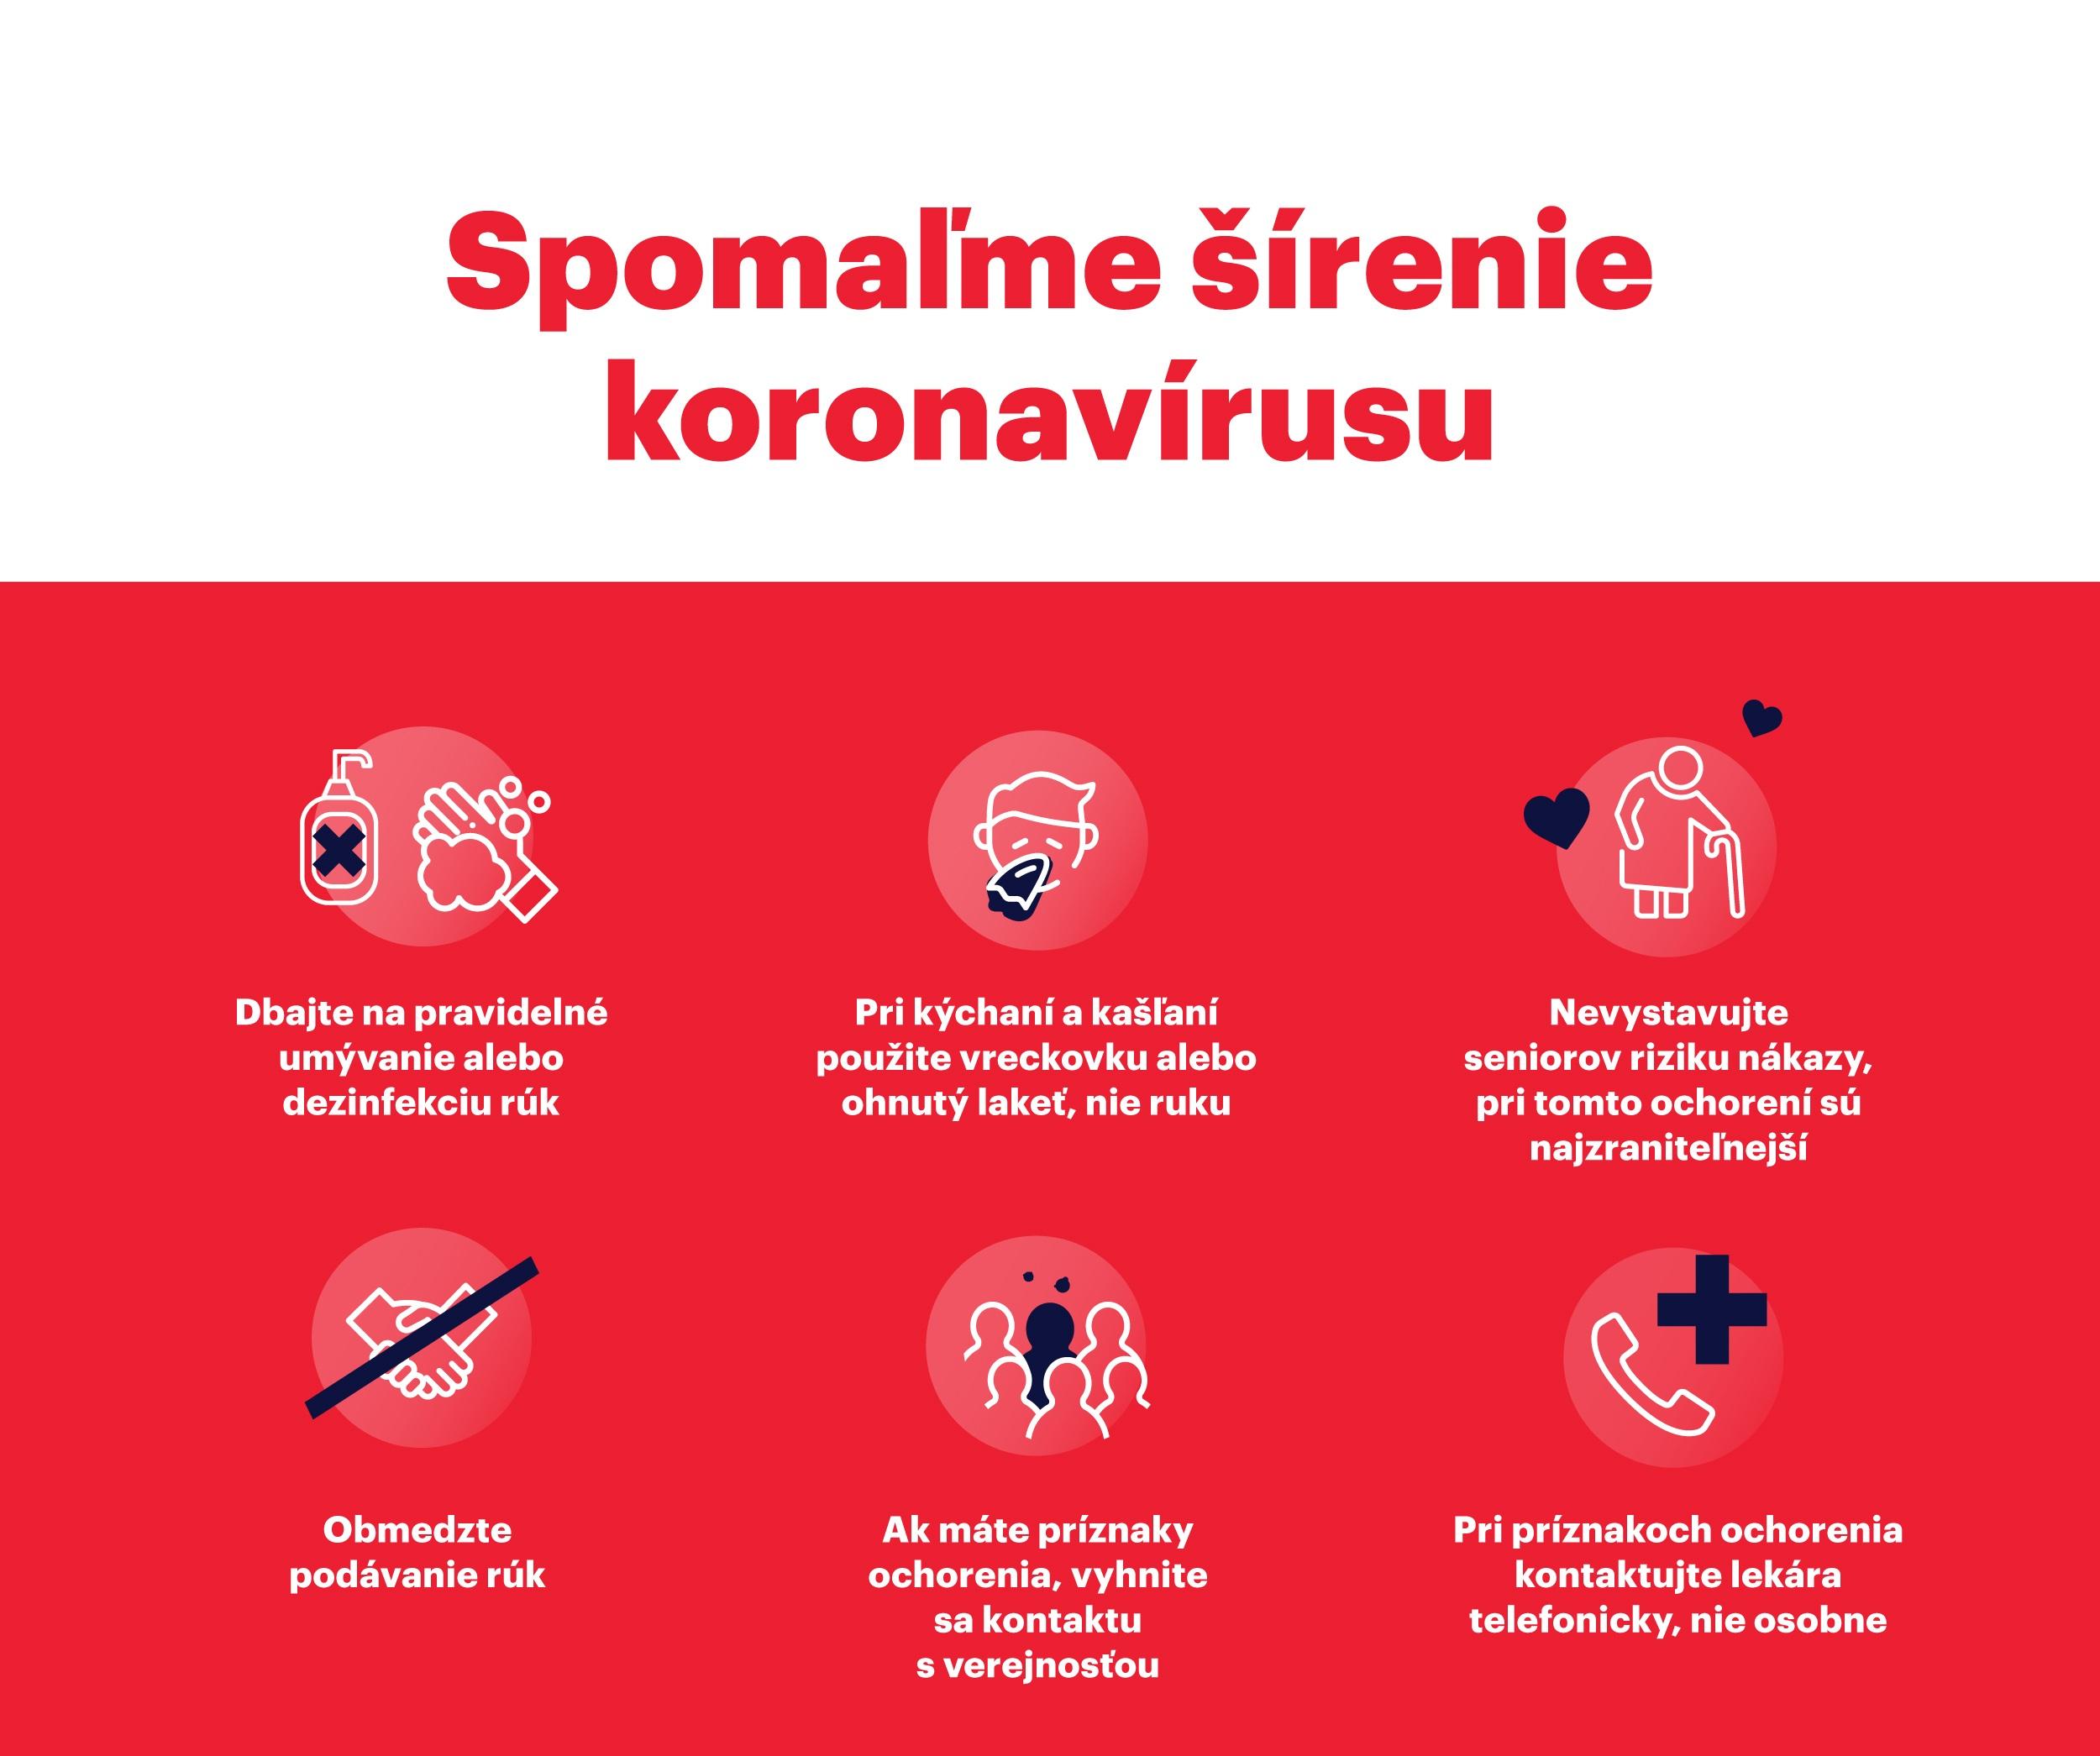 Ako sa nenakaziť a spomaliť šírenie koronavírusu / Zdroj: BSK